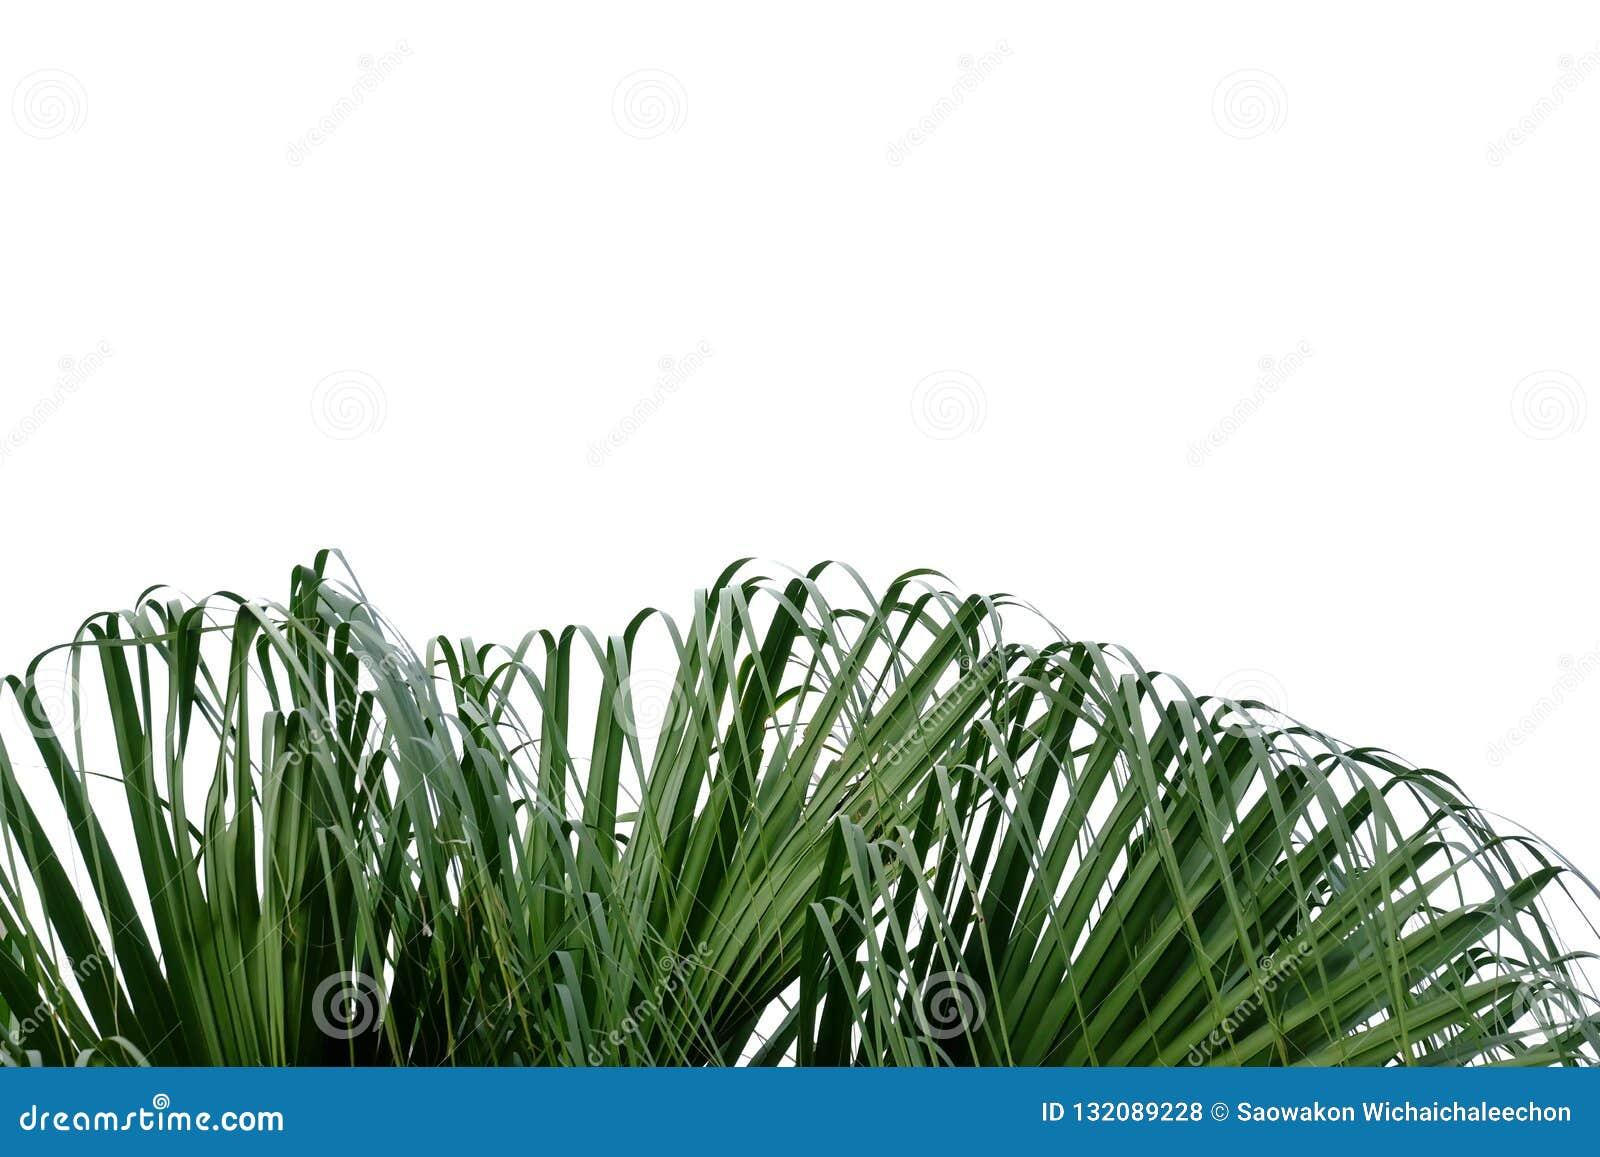 Foglie di palma e vento che soffiano sul fondo isolato bianco